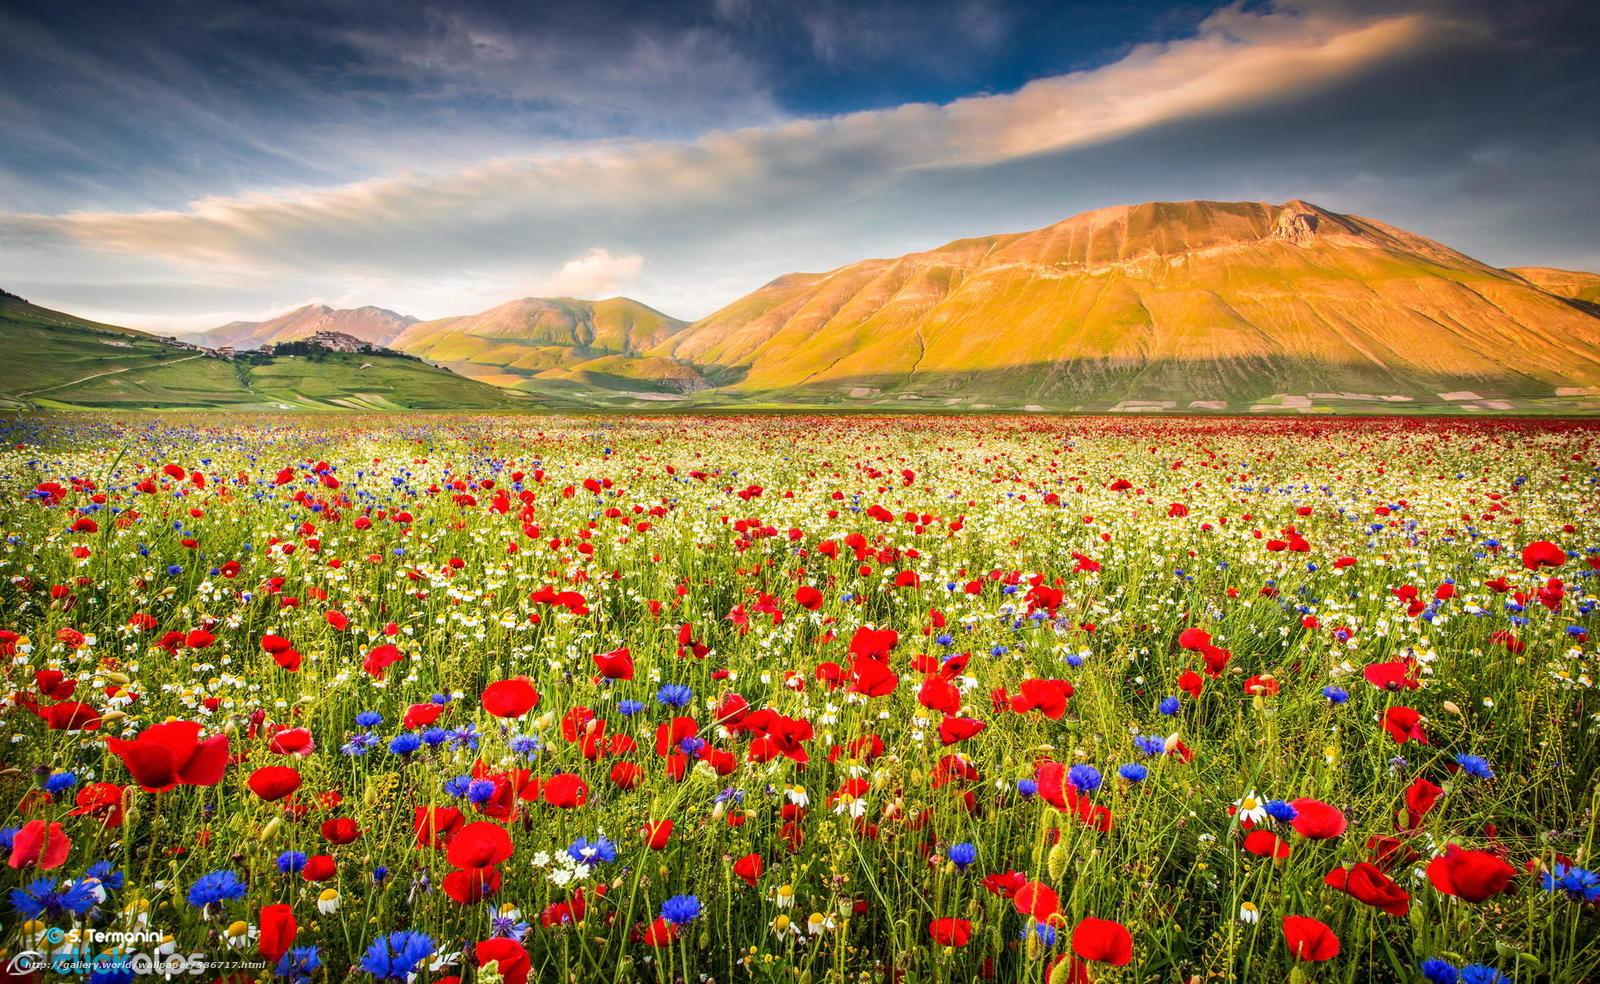 Scaricare Gli Sfondi Montagna Natura Campo Fiori Sfondi Gratis